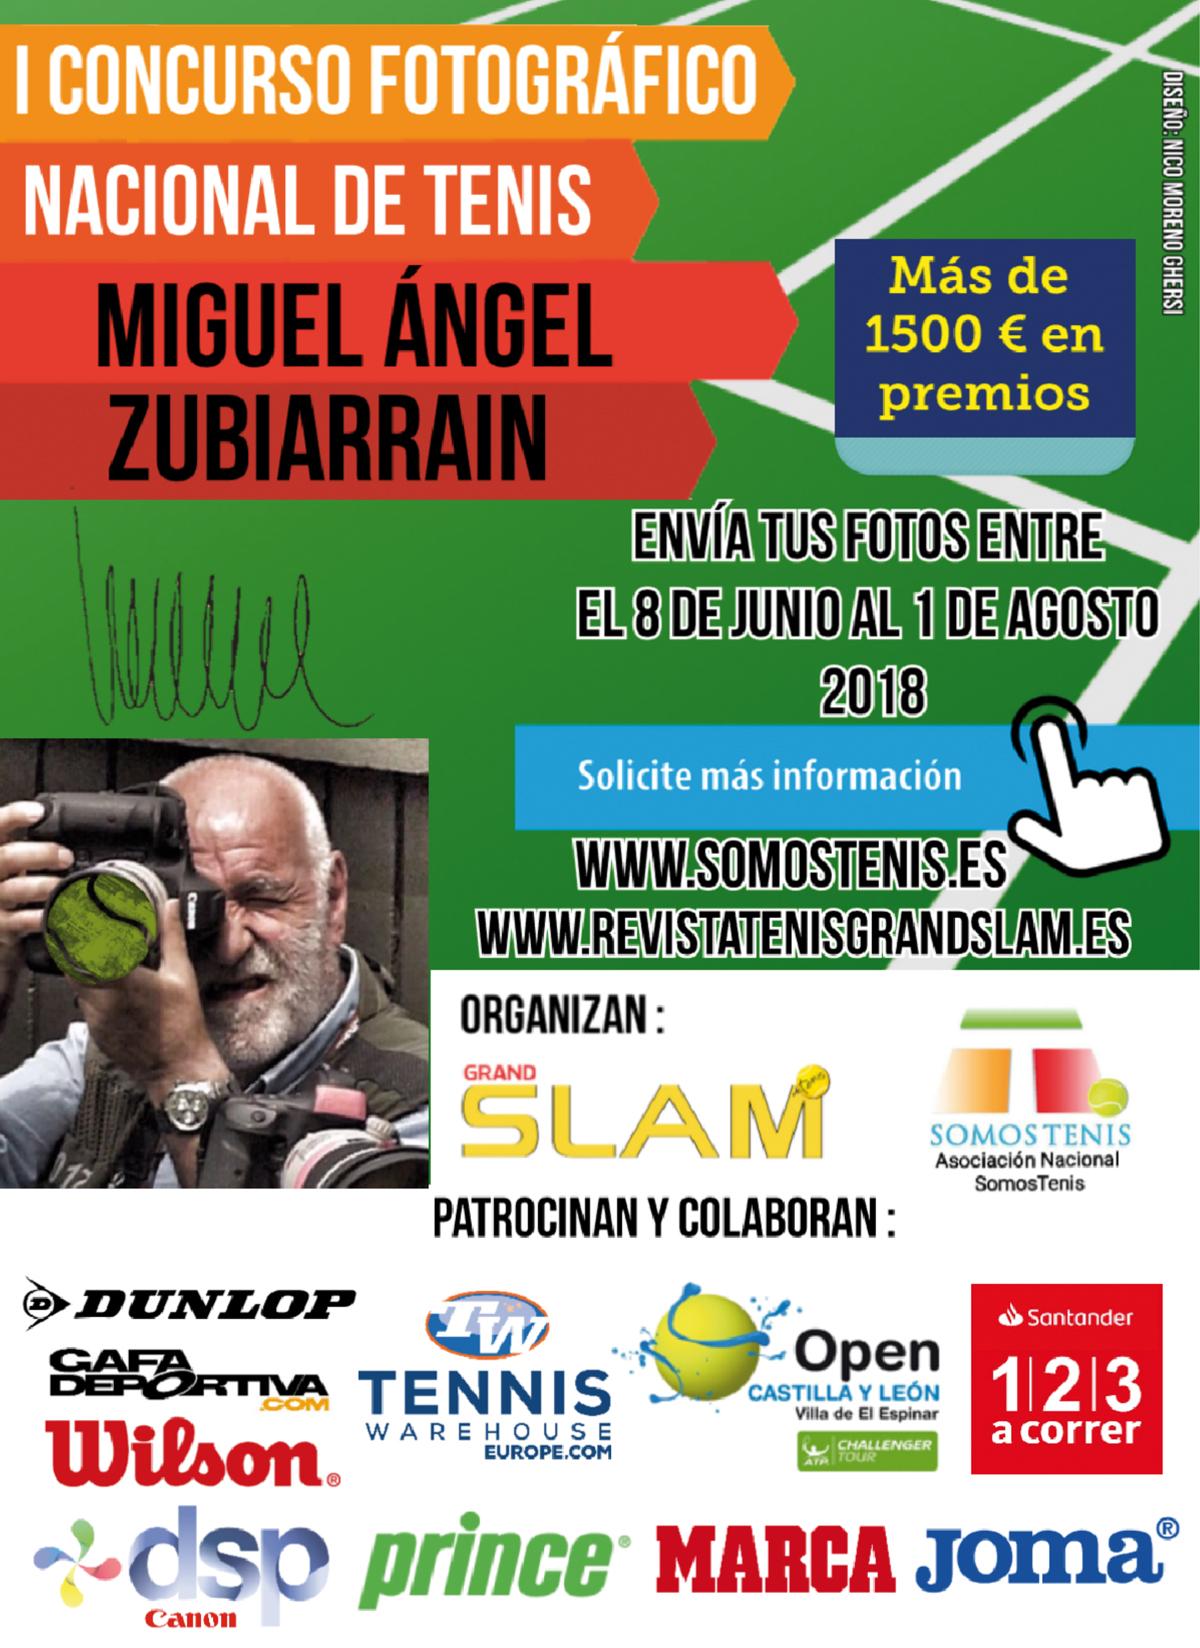 cartel concurso fotografia M.A. Zubiarrain